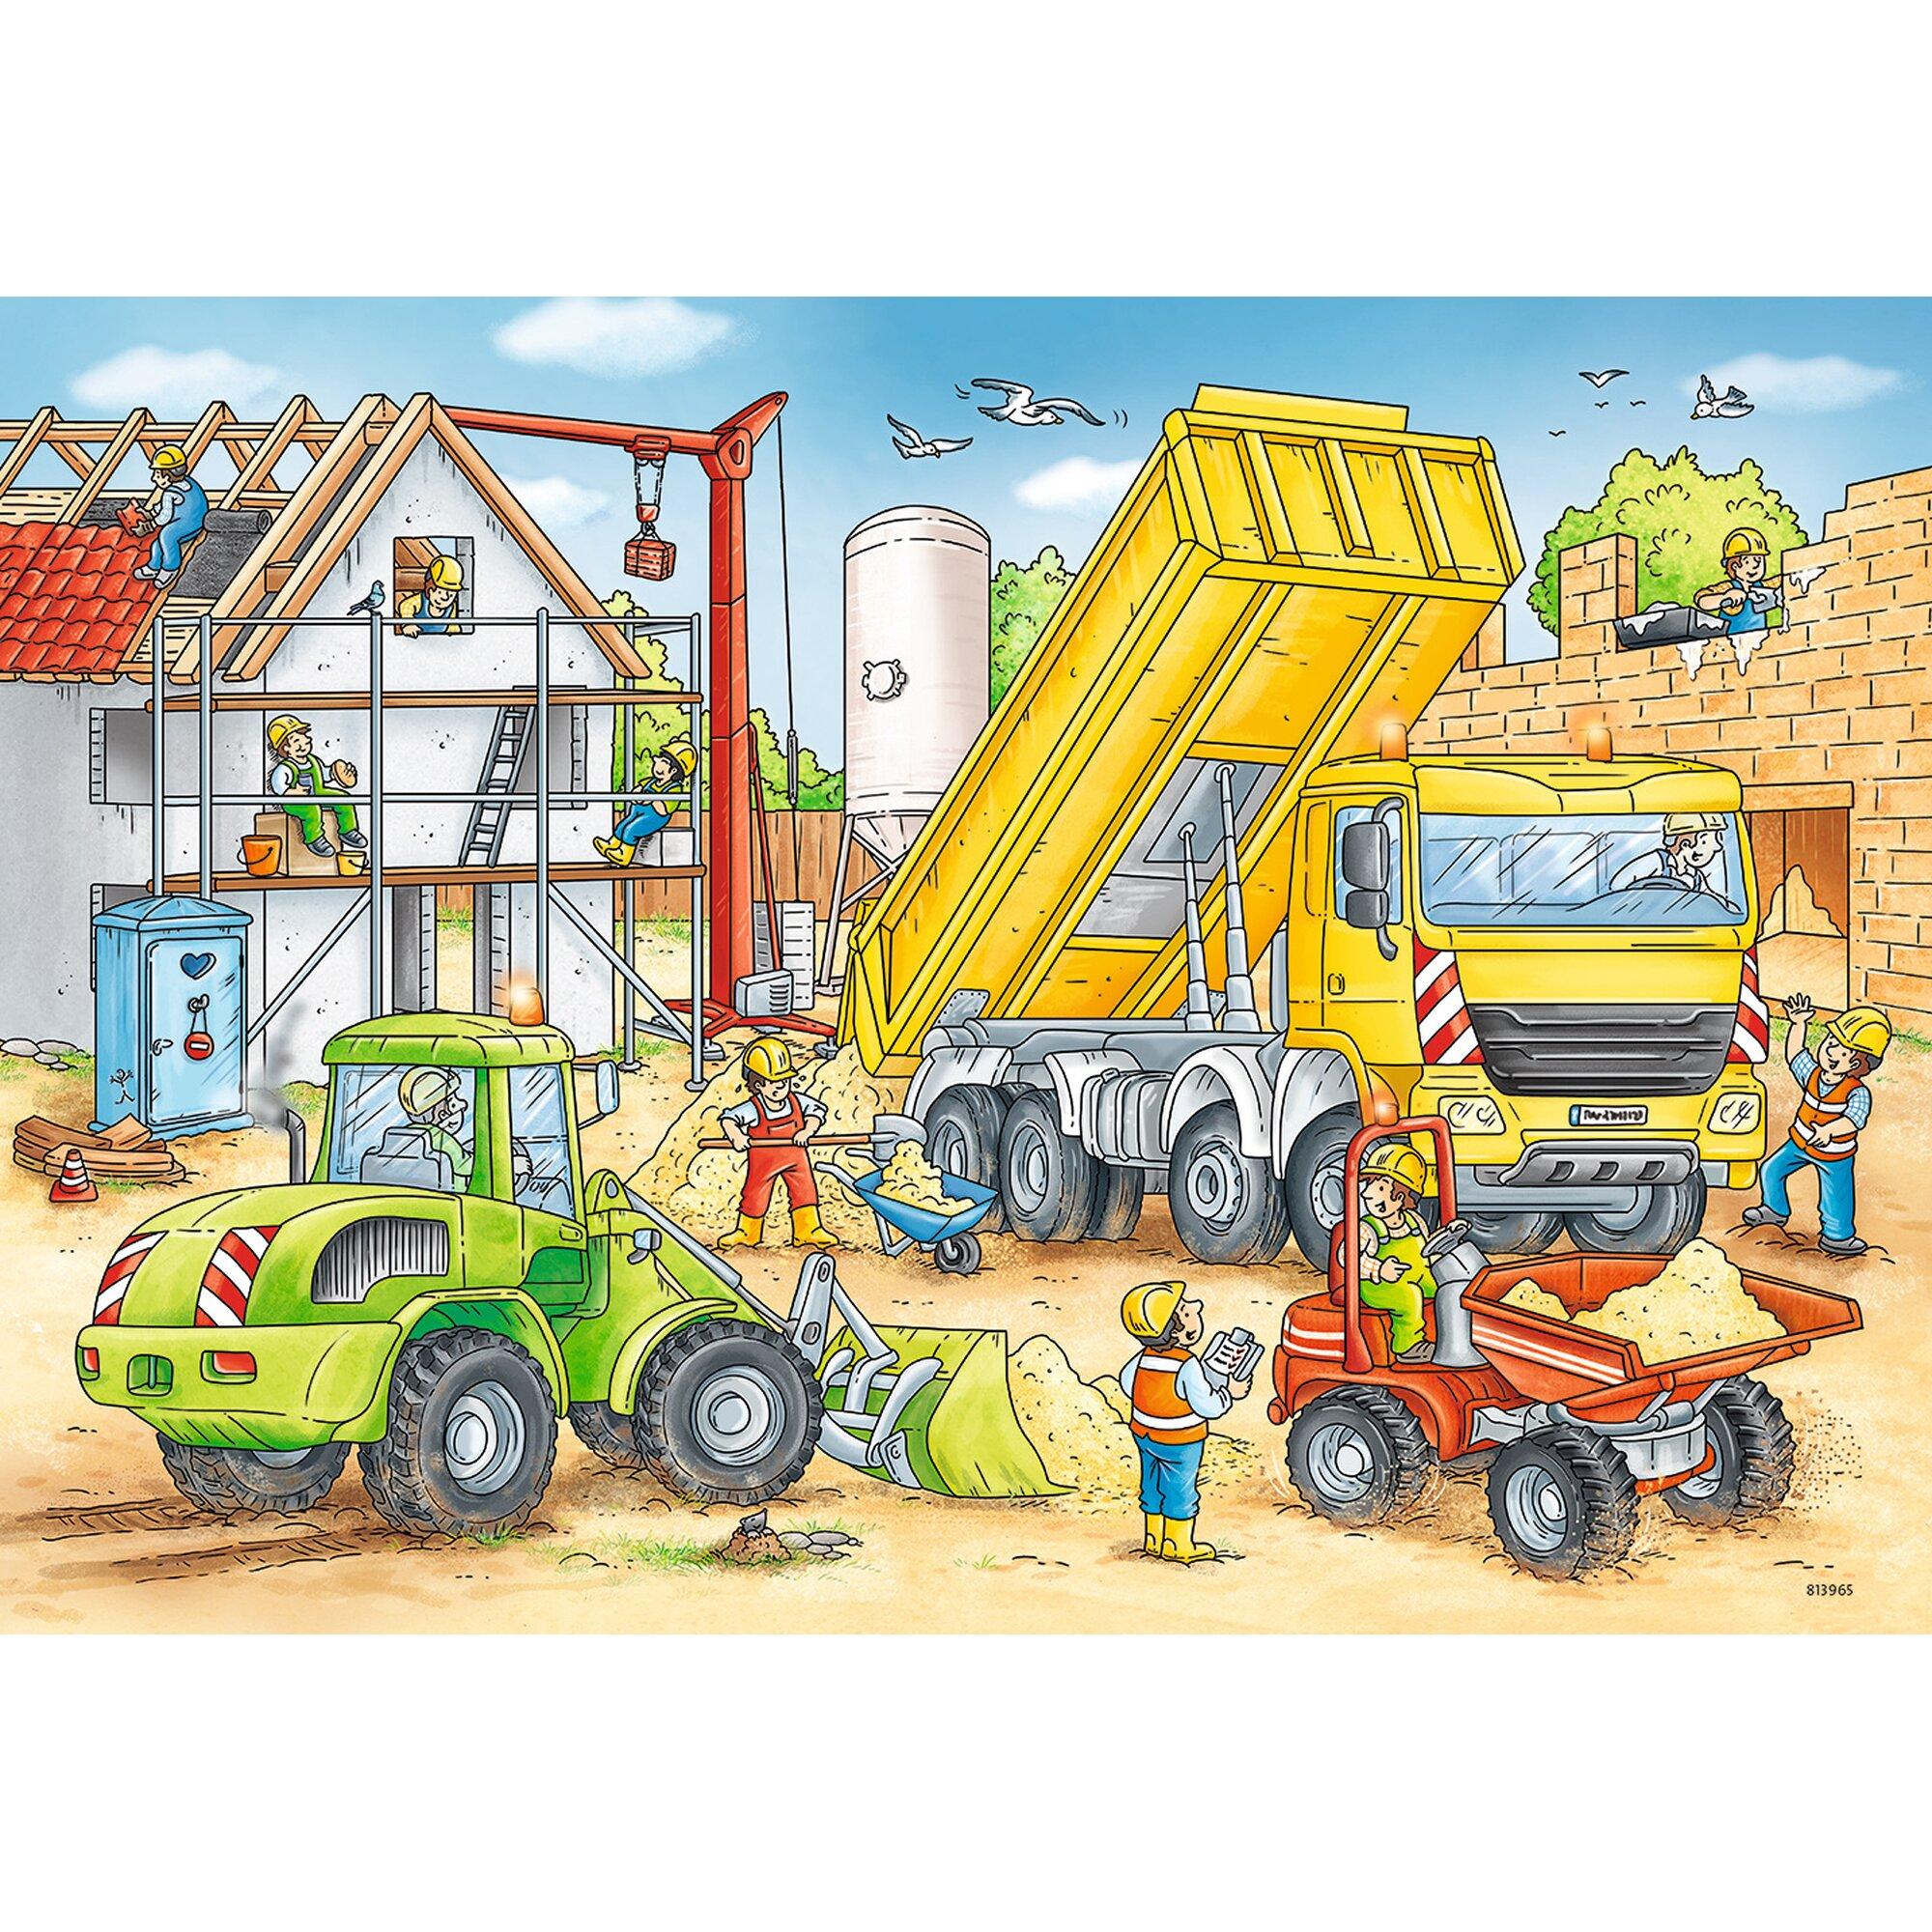 ravensburger-zwei-kinderpuzzles-inkl-mini-postern-24-teile-viel-zu-tun-auf-der-baustelle